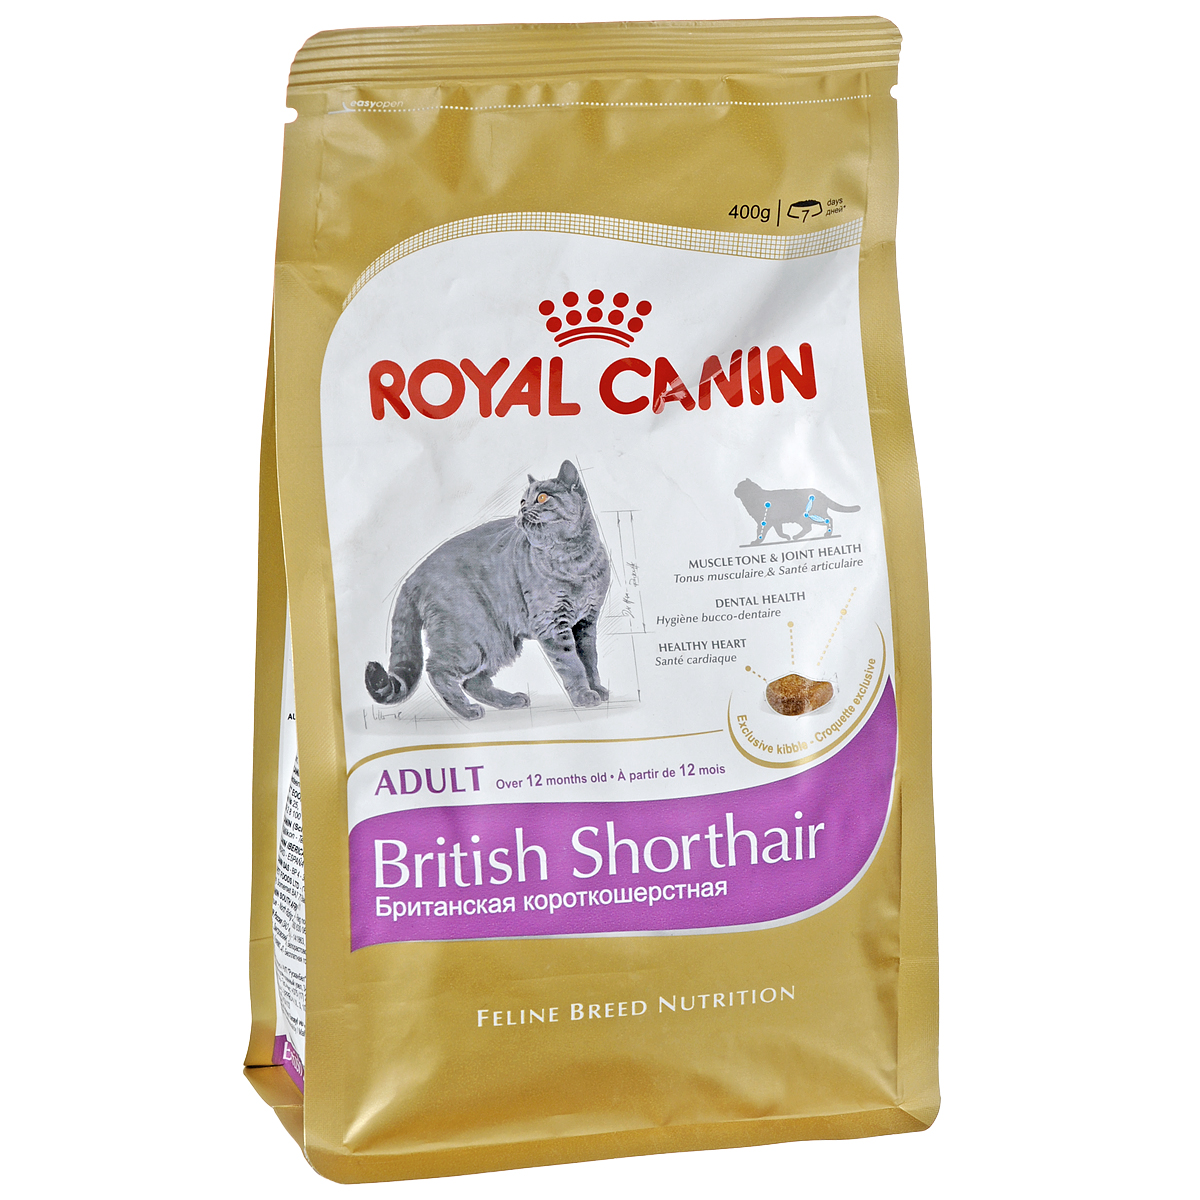 Корм сухой Royal Canin British Shorthair Adult, длябританских короткошерстных кошек старше 12 месяцев, 400 г0120710Сухой корм Royal Canin British Shorthair Adult - полнорационный корм для британских короткошерстных кошек старше 12 месяцев.Британская короткошерстная кошка родом из Великобритании, что явствует из названия породы.Медленное разгрызание и поглощение корма: забота о гигиене ротовой полости. Чтобы кошка по возможности не проглатывала корм, не разгрызая, ей необходимы крокеты особой формы и размера — тогда их поедание будет более физиологичным. Это решает и проблему чистки зубов: таким образом поддерживается гигиена ротовой полости. Поддержание оптимальной формы. Мощные и коренастые, британские короткошерстные кошки испытывают повышенную нагрузку на суставы в сравнении с кошками меньшего веса.Крупное сердце — риск для здоровья. Эта порода имеет предрасположенность к сердечным заболеваниям. Соблюдение диетических рекомендаций — залог здоровья сердца! Мышечный тонус и здоровье суставов.У британской короткошерстной кошки мощное плотное телосложение, вследствие чего повышается нагрузка на суставы. Продукт BRITISH SHORTHAIR помогает поддерживать здоровье костей и суставов, а также оптимальную мышечную массу. Здоровье зубов.Уникальная форма и большие размеры крокет побуждают британских короткошерстных кошек тщательно разгрызать корм, за счет чего поддерживается гигиена ротовой полости.Здоровье сердца.Продукт обогащен таурином и жирными кислотами EPA и DHA. Специально для челюстей британских короткошерстных кошек.AMETHYST 12 — крокета, специально предназначенная для массивных челюстей британских короткошерстных кошек. Форма крокеты позволяет им легче захватывать и тщательно разгрызать корм.Состав: дегидратированное мясо птицы, изолят растительных белков, рис, кукуруза, животные жиры, кукурузная клейковина, растительная клетчатка, гидролизат белков животного происхождения, жом цикория, минеральные вещества, соевое масло, рыбий жир, фруктоолигосахариды, гидролизат д